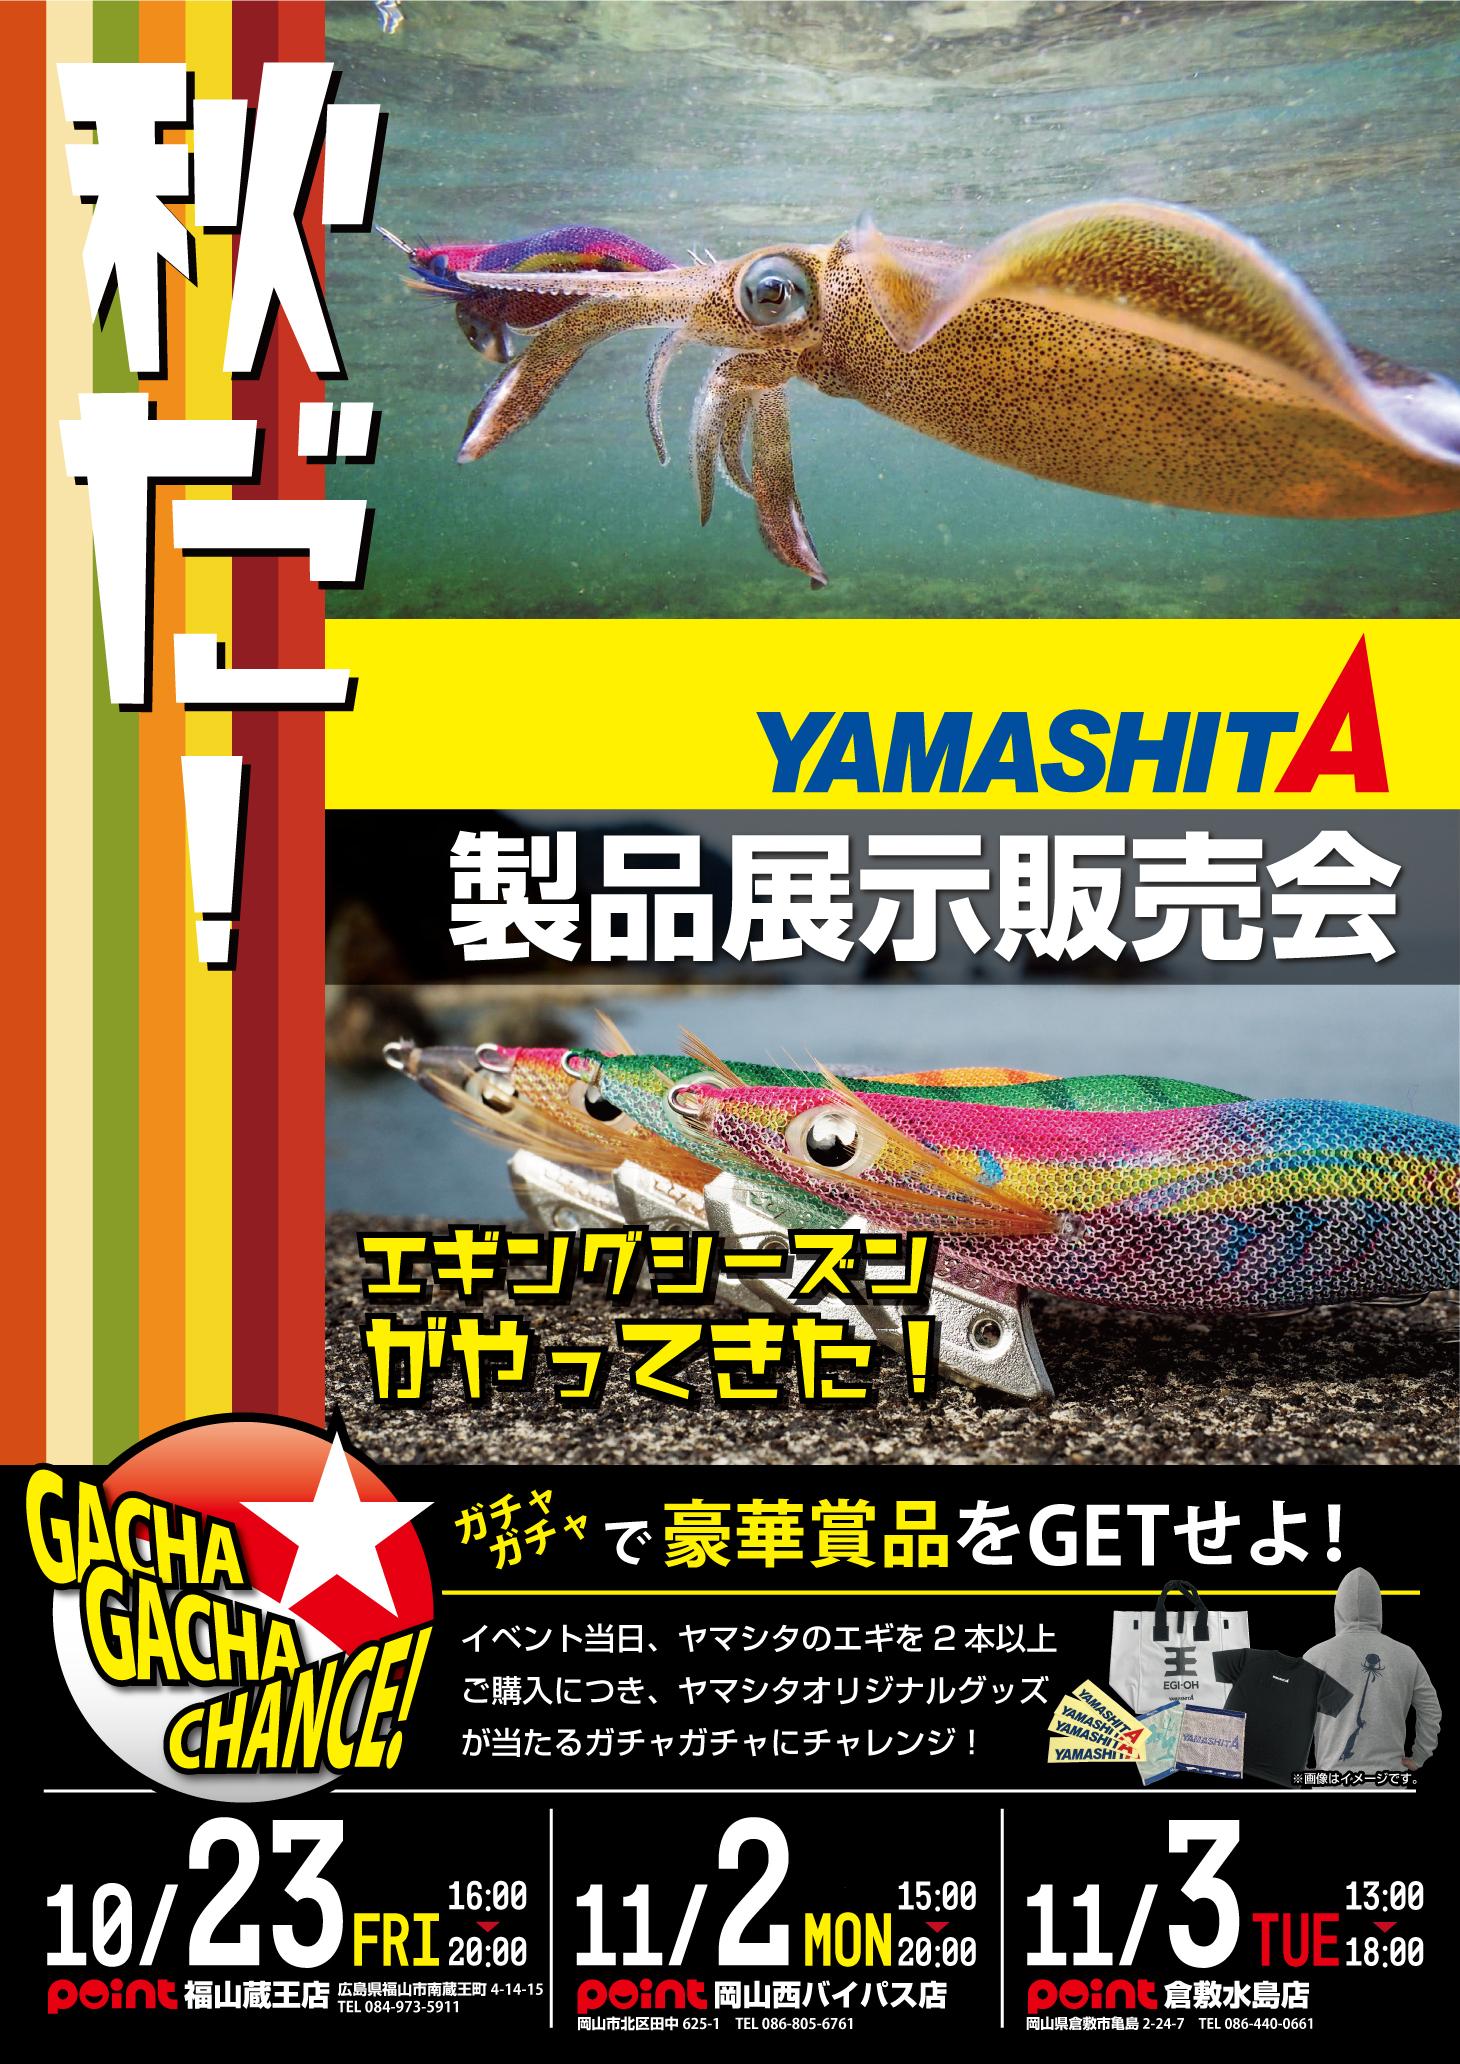 Yamashita製品展示受注会 福山岡山倉敷